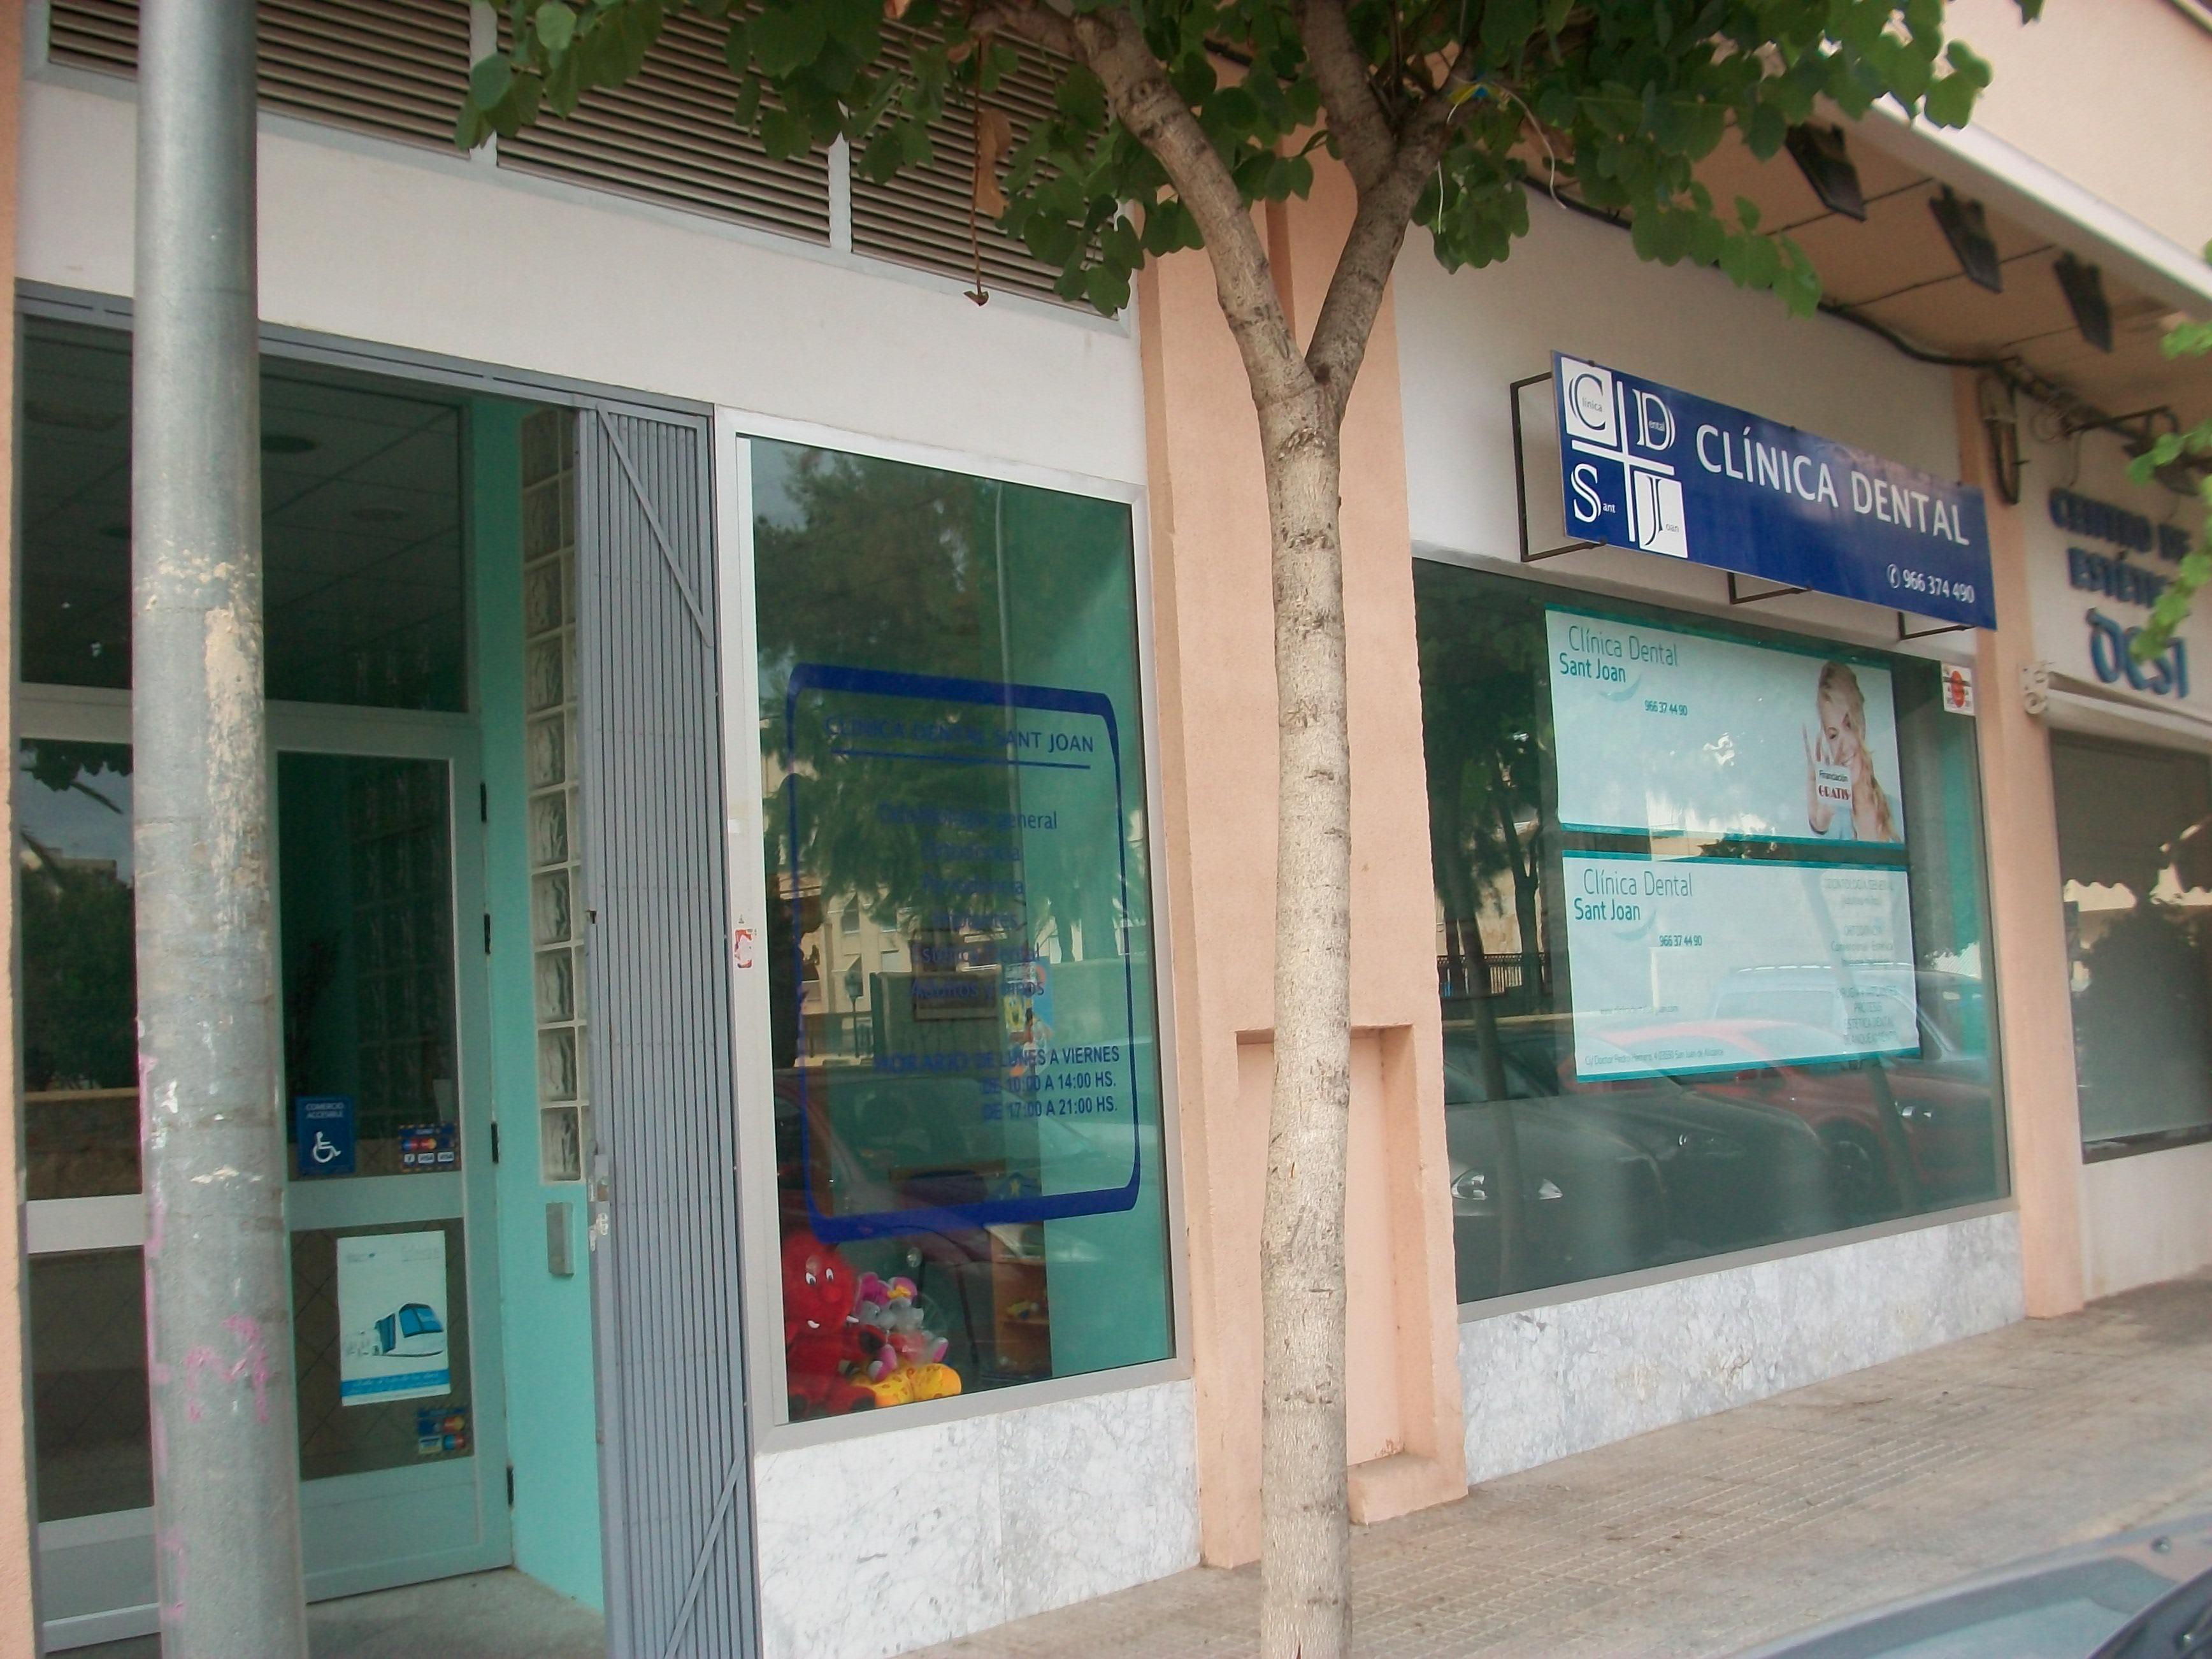 Clinica dental san juan ajuntament de sant joan d 39 alacant - Clinica dental mediterranea ...